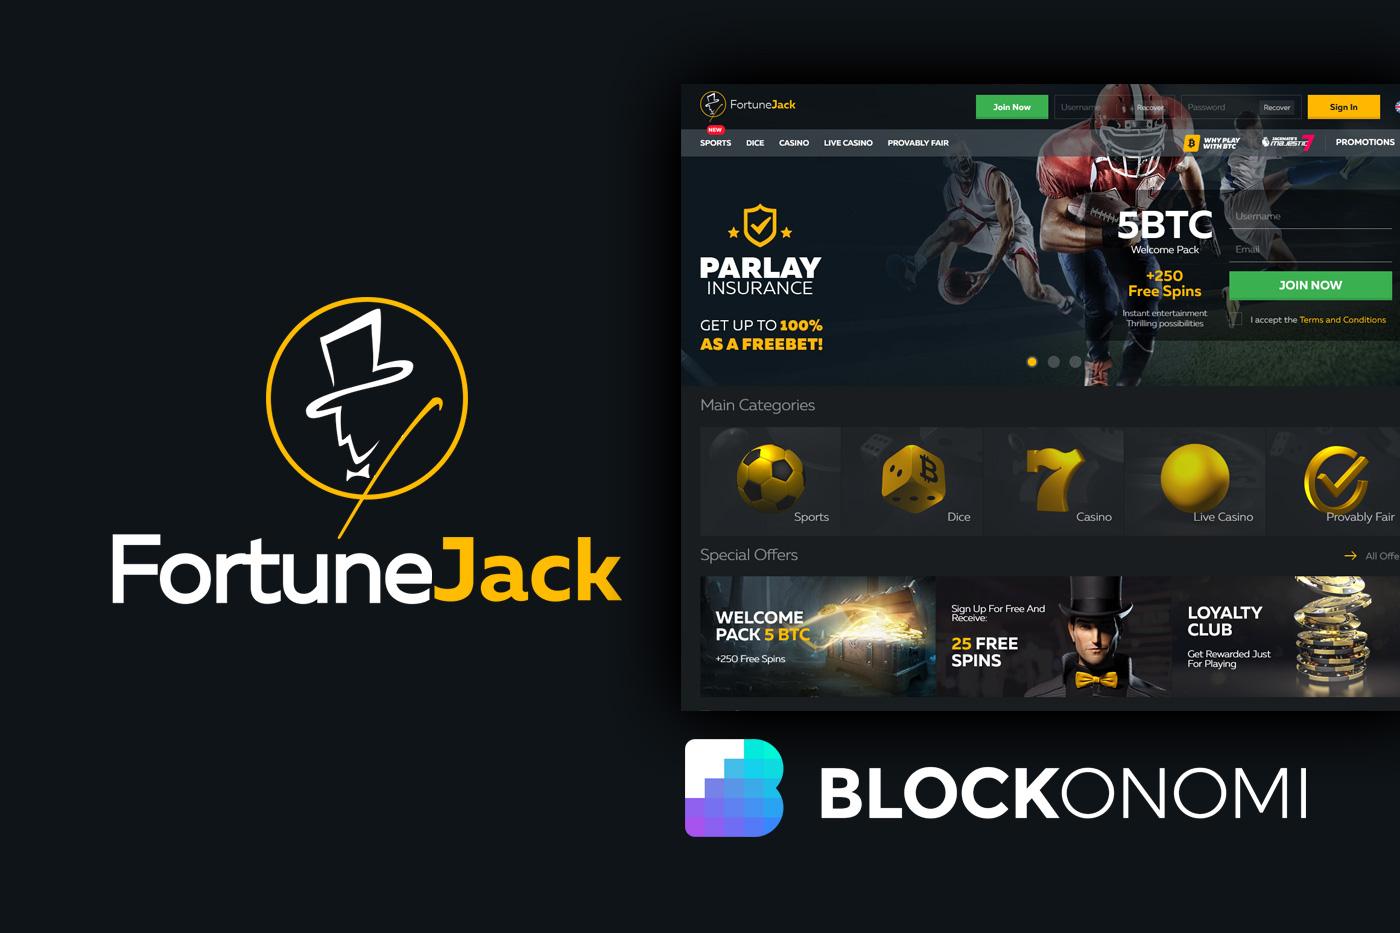 FortuneJack Avis : 25 free spins cash et 5 BTC de bonus de bienvenue !